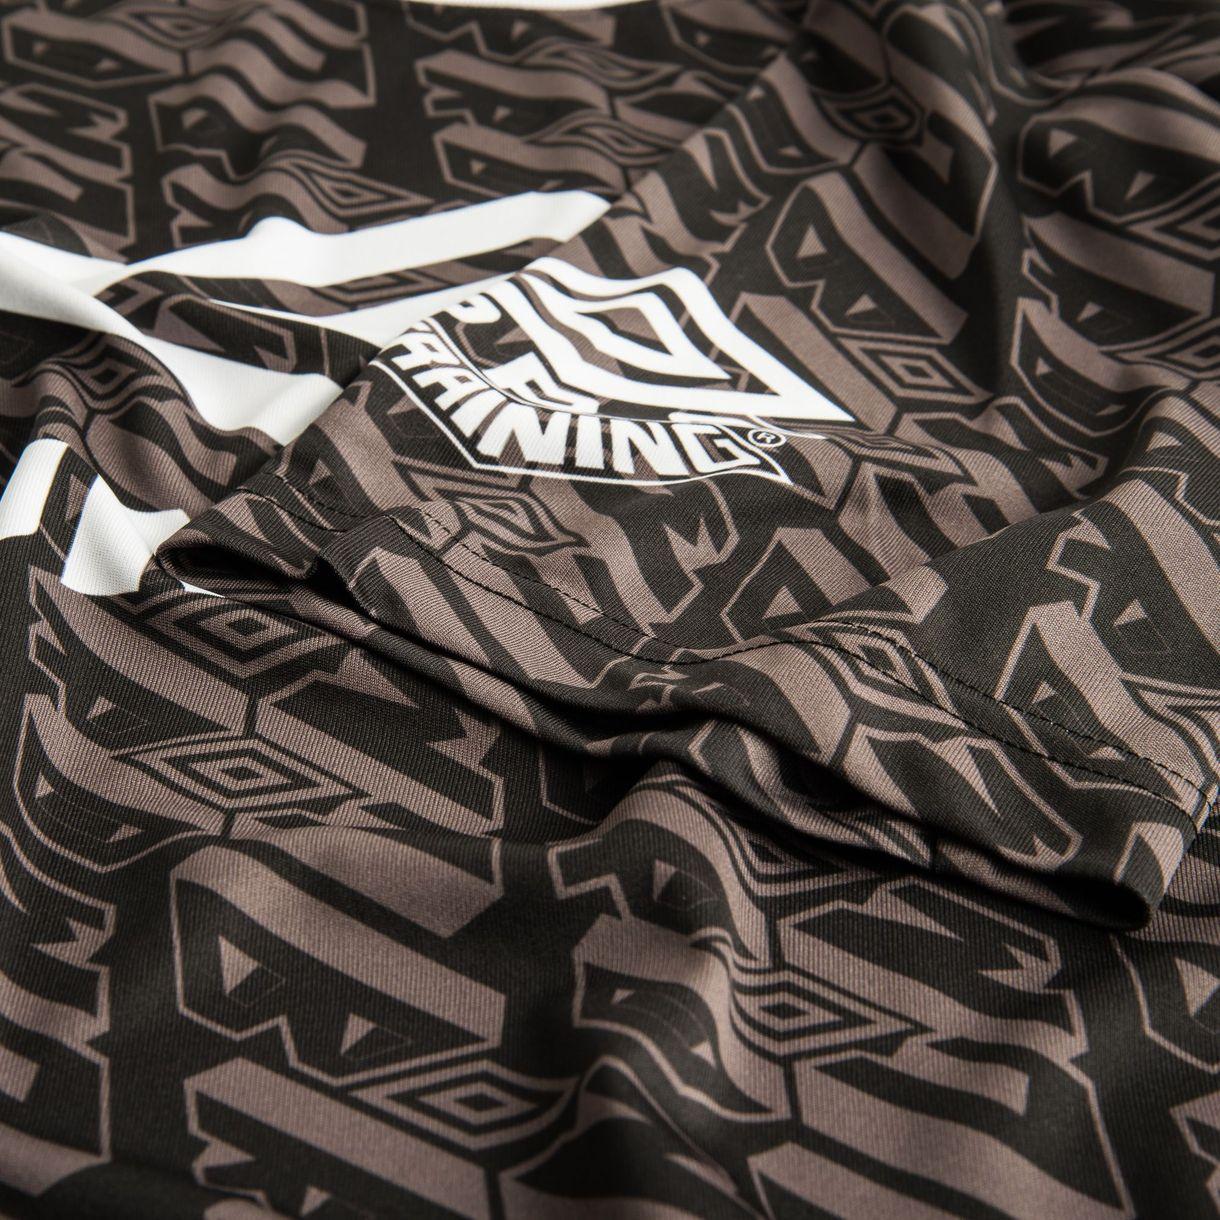 Black umbro t shirt - Image Description Image Description Image Description Image Description